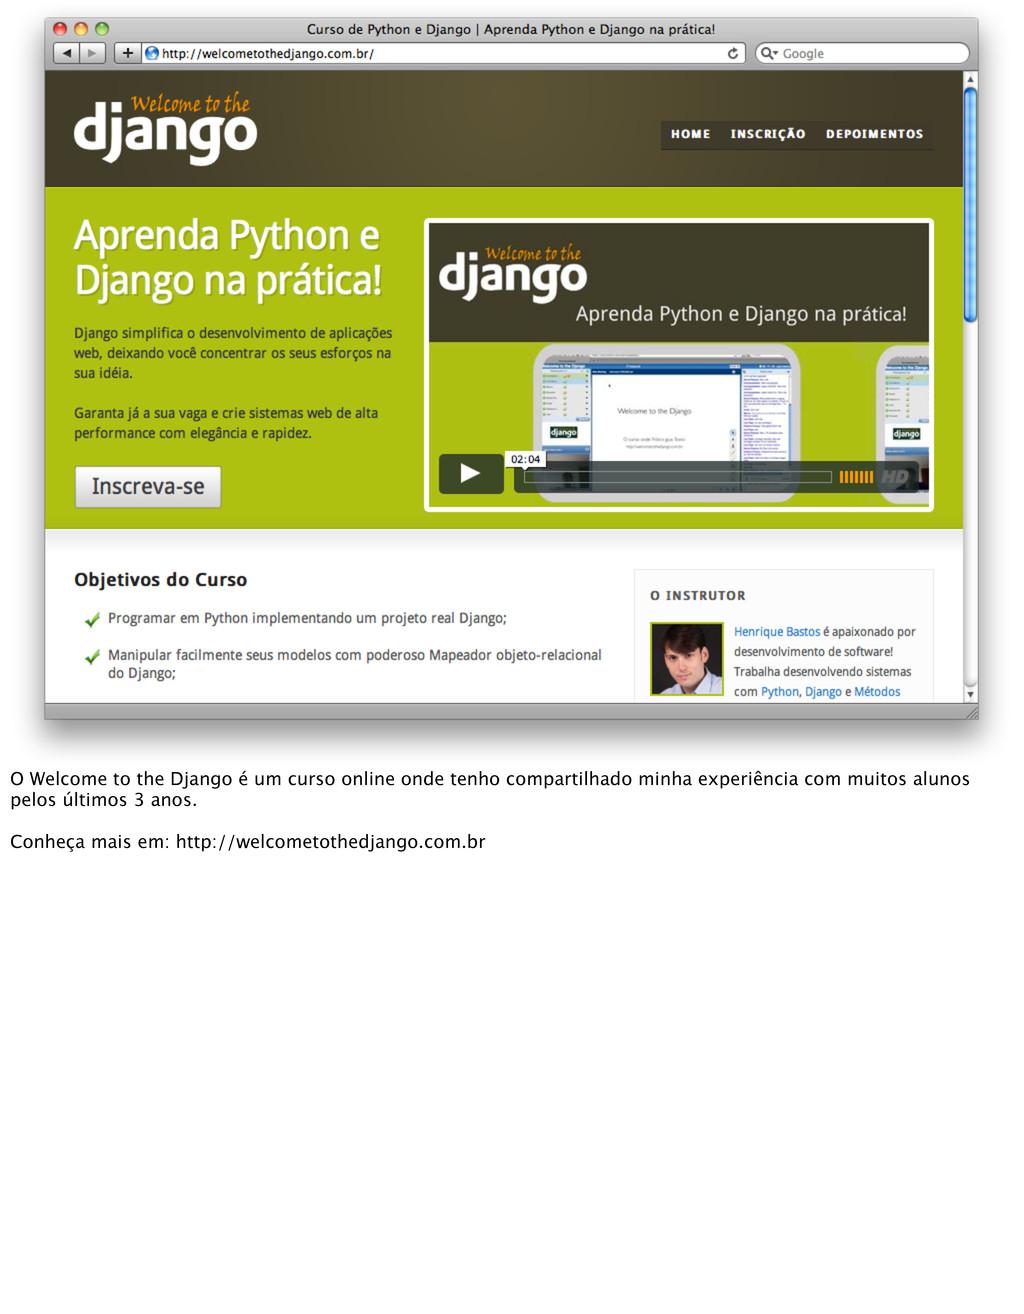 O Welcome to the Django é um curso online onde ...